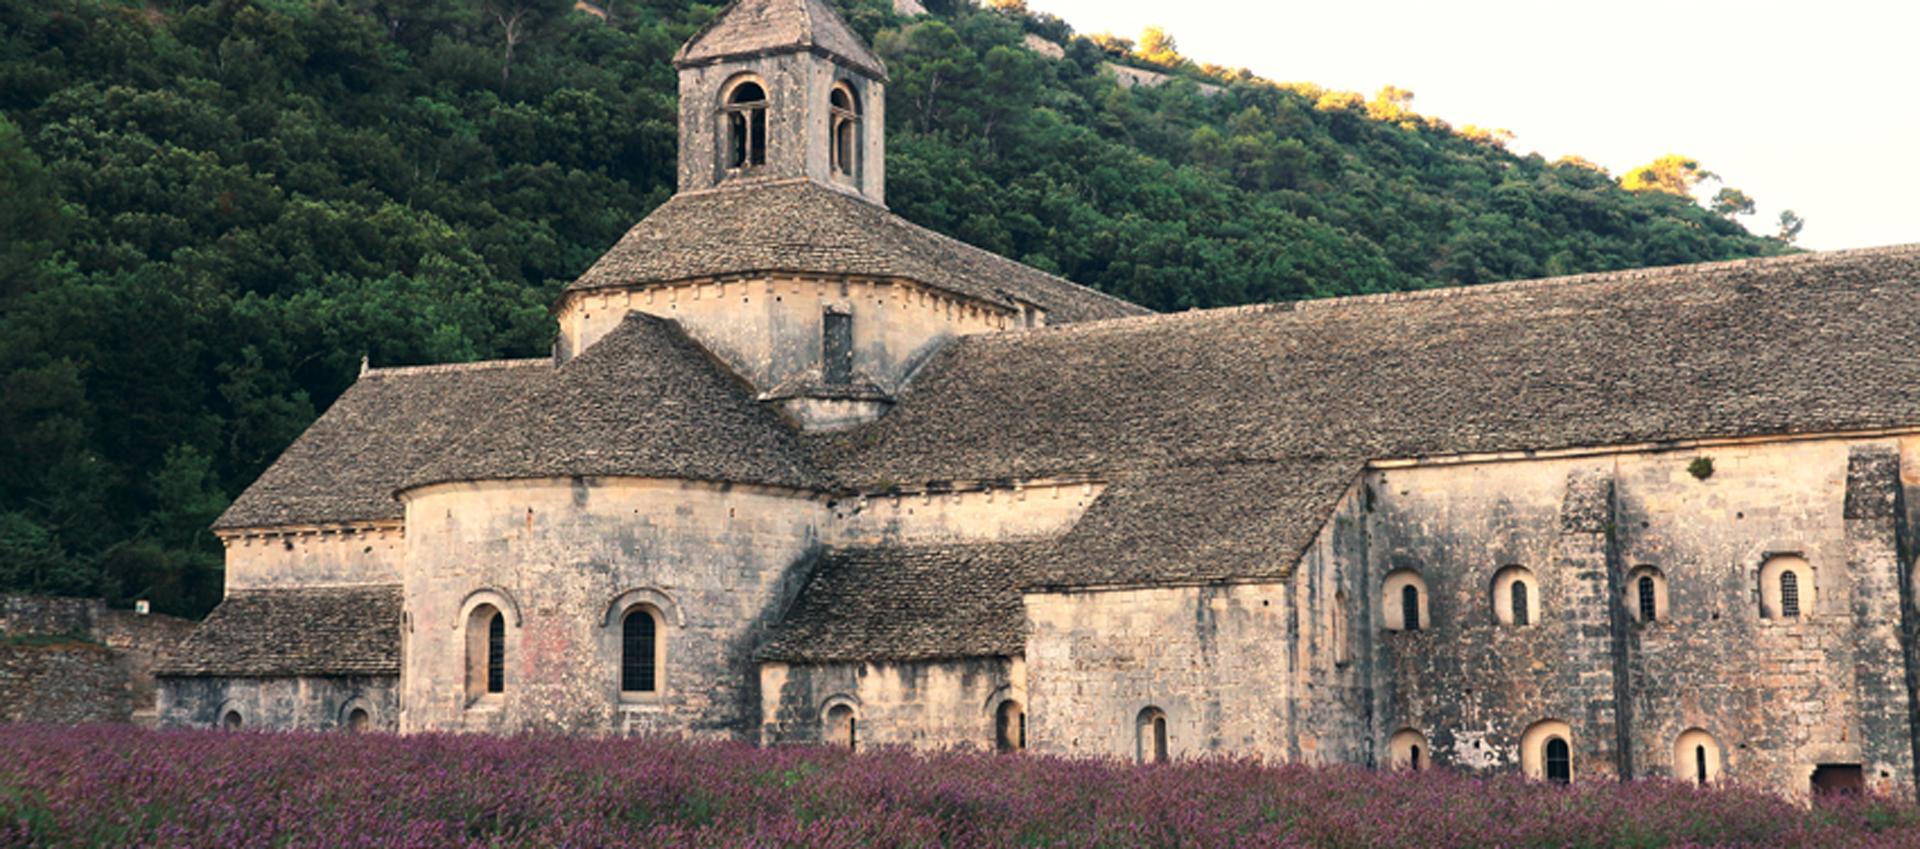 Top 10 Geheimtipps für die Provence